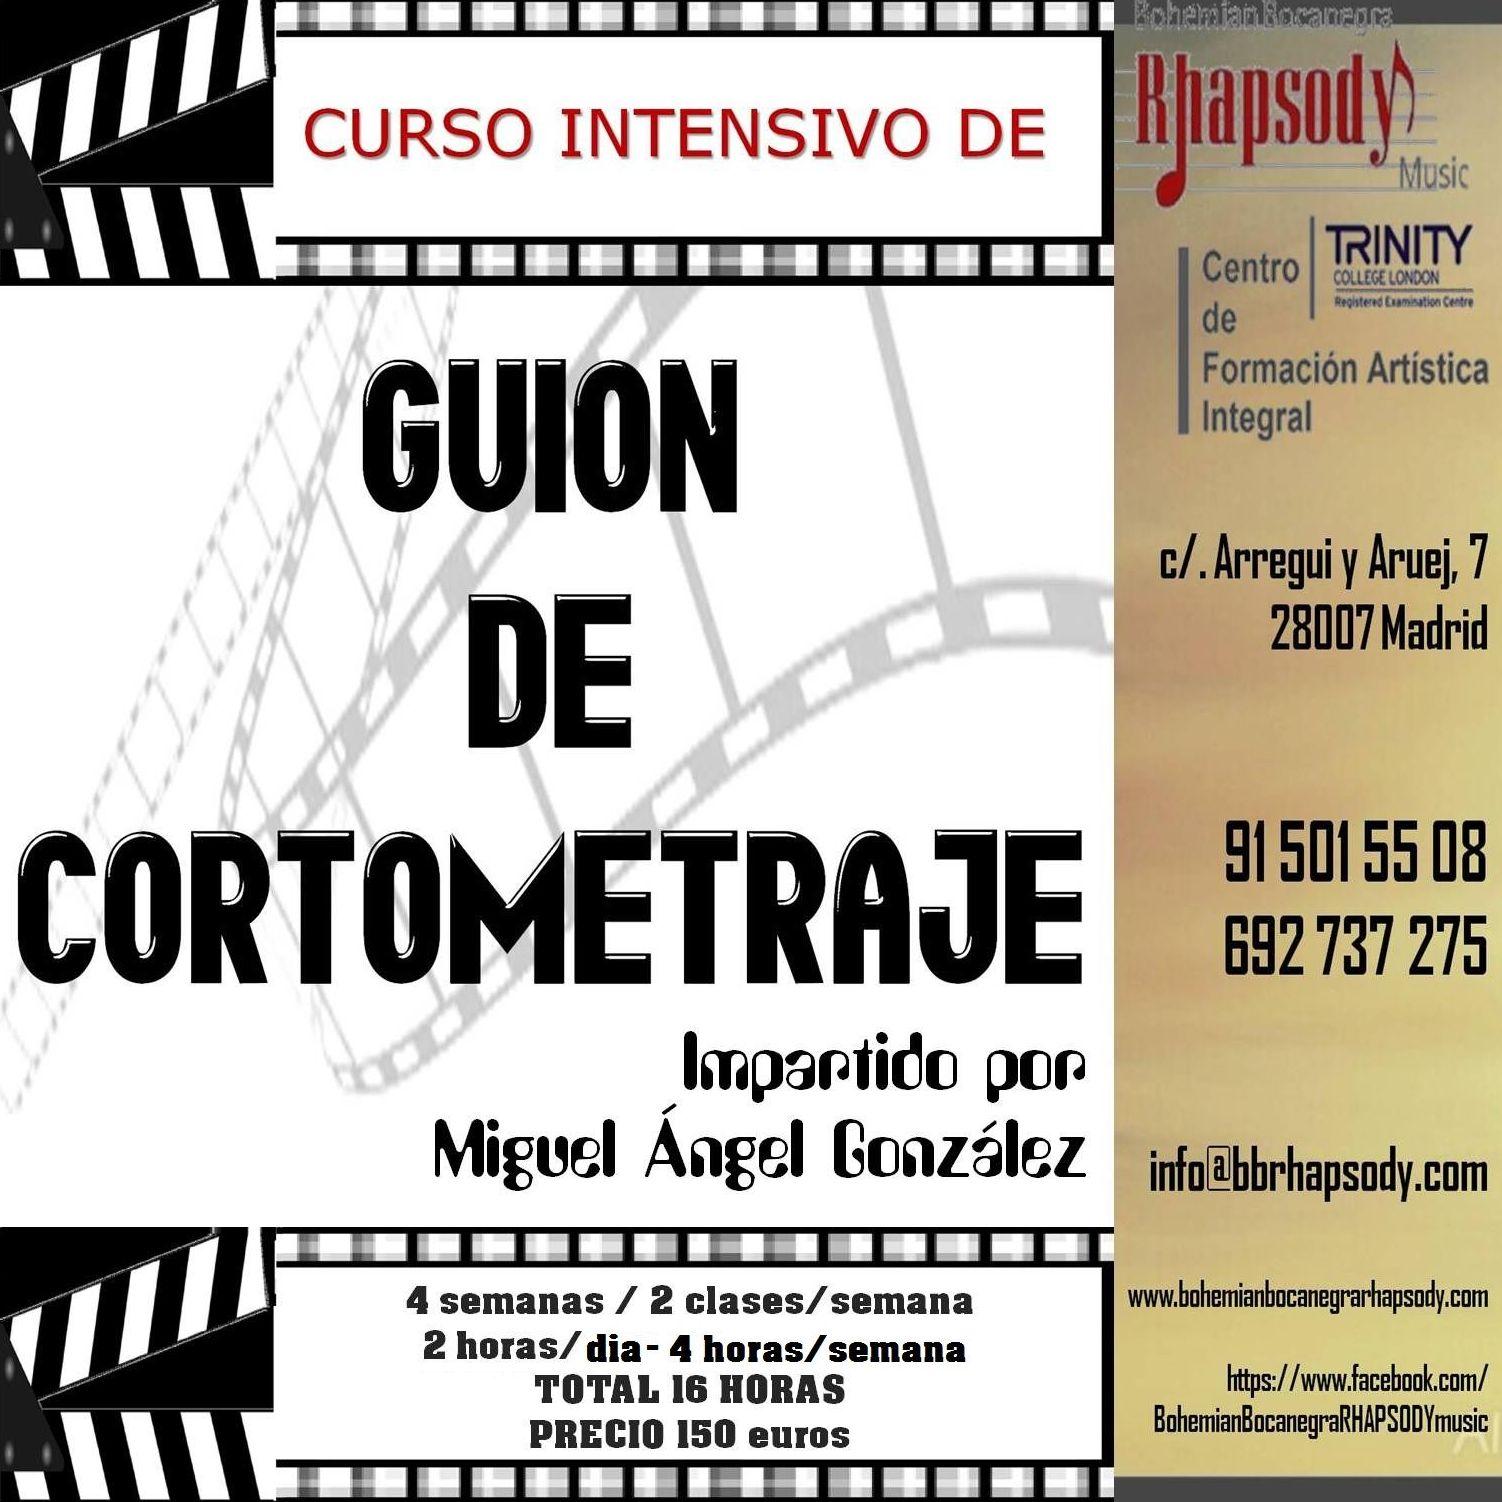 GUIÓN de CORTOMETRAJE impartido por Miguel Ángel González